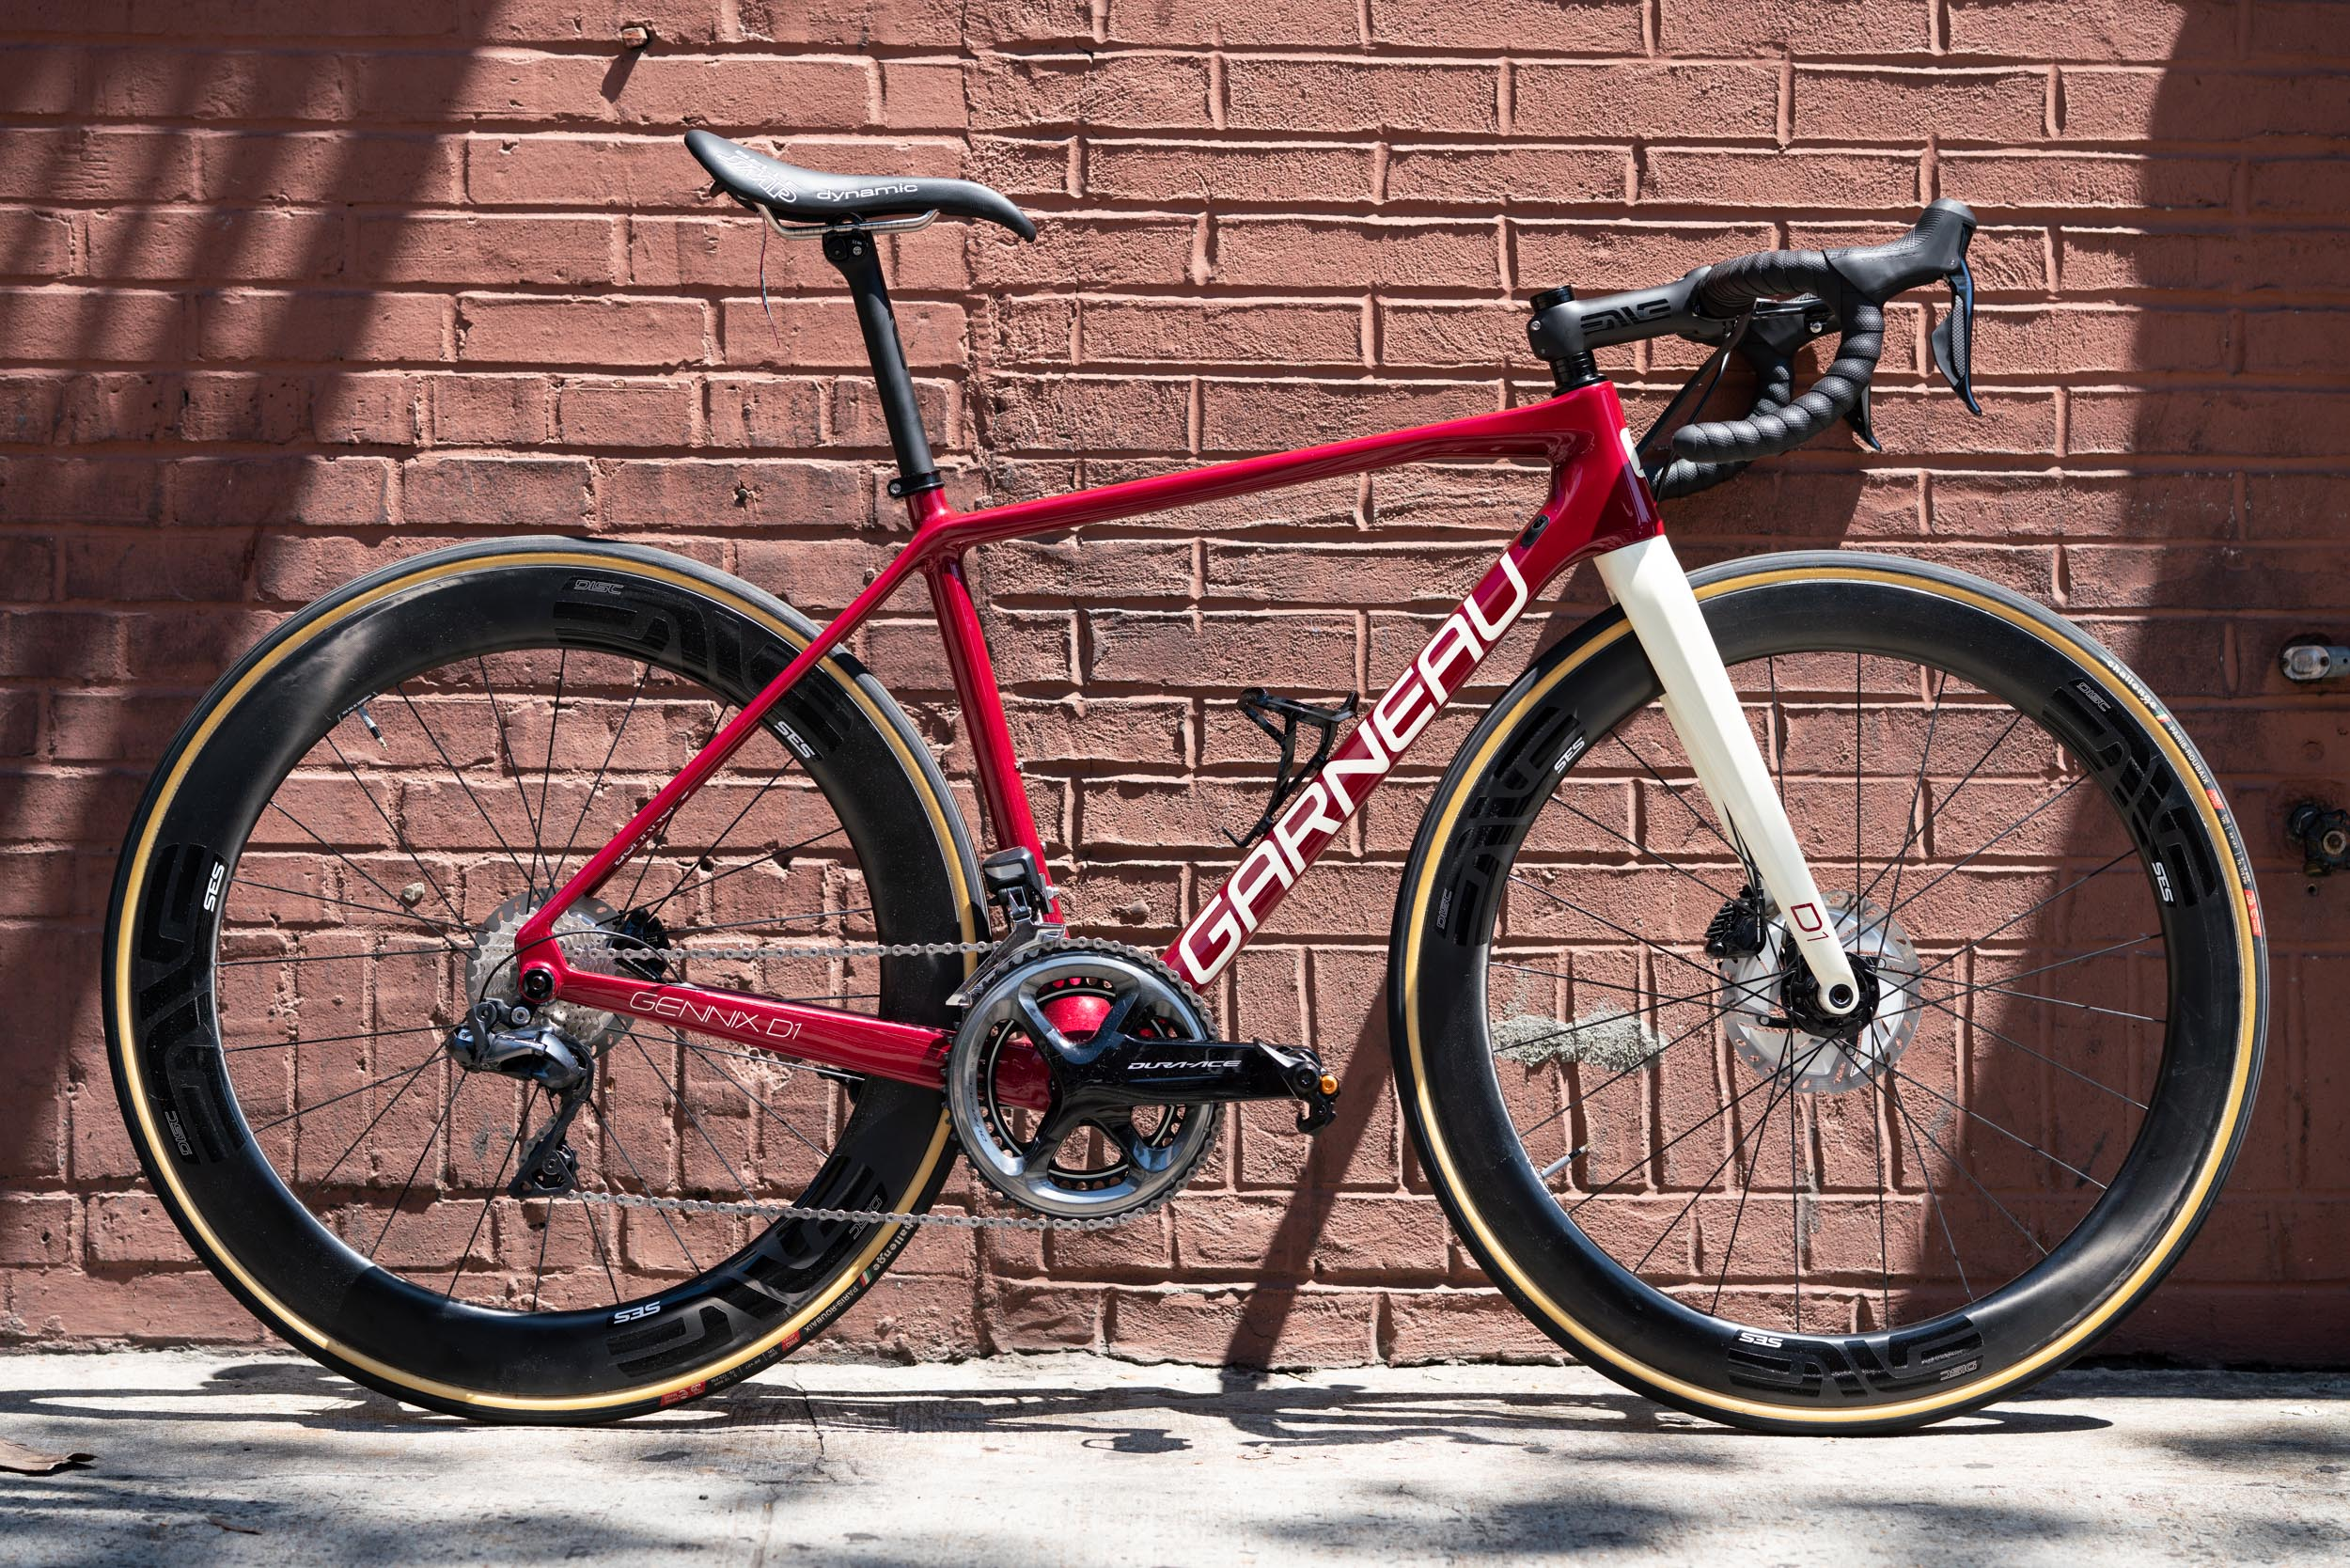 photo-rhetoric-to-be-determined-garneau-d1-blood-bike-1005.jpg